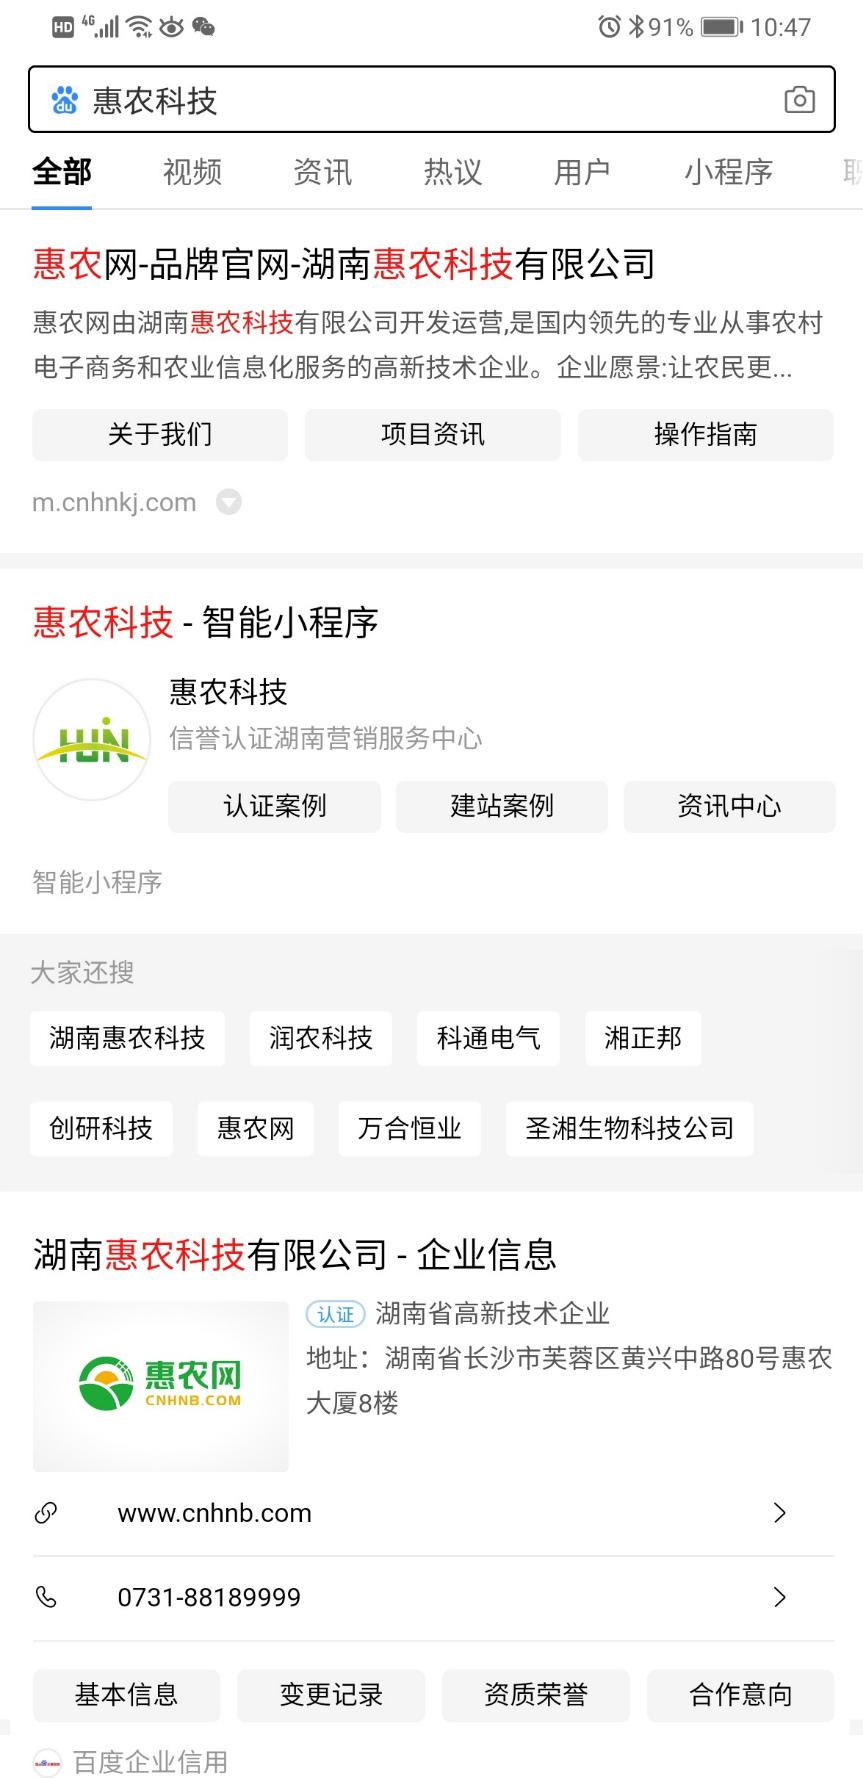 惠农科技百度智能小程序